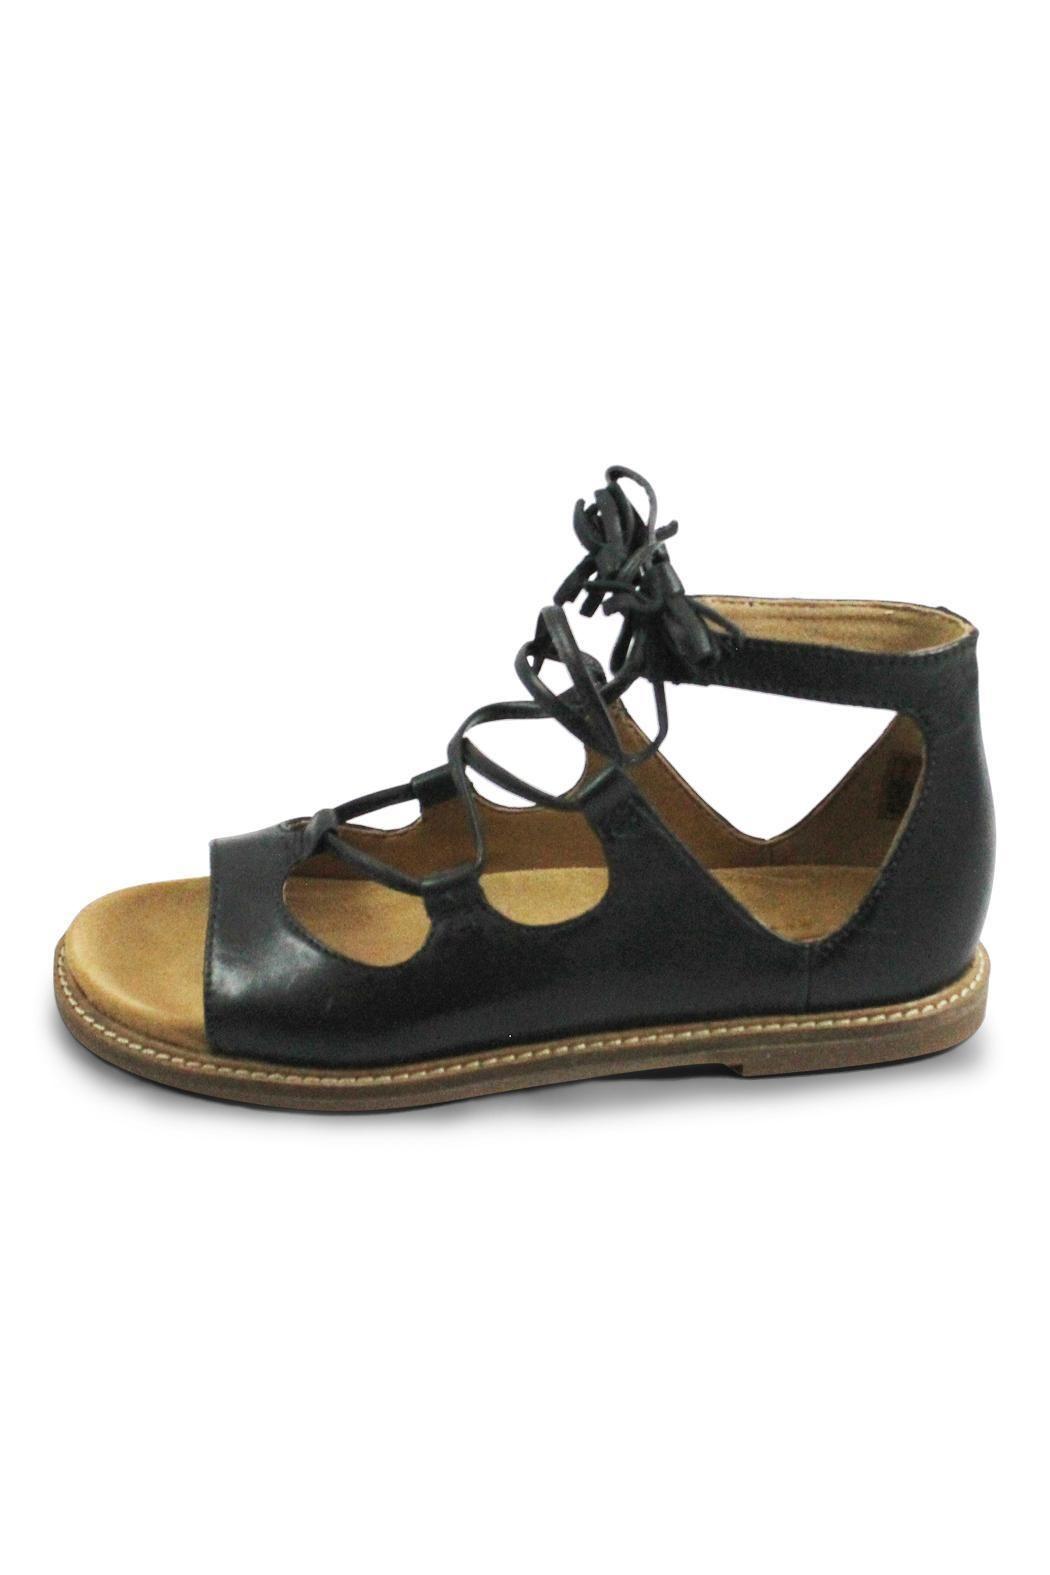 0df11402ea6f Clarks Corsio Dallas Black Corsio Dallas women s sandals leather - Our  designers have taken the popular